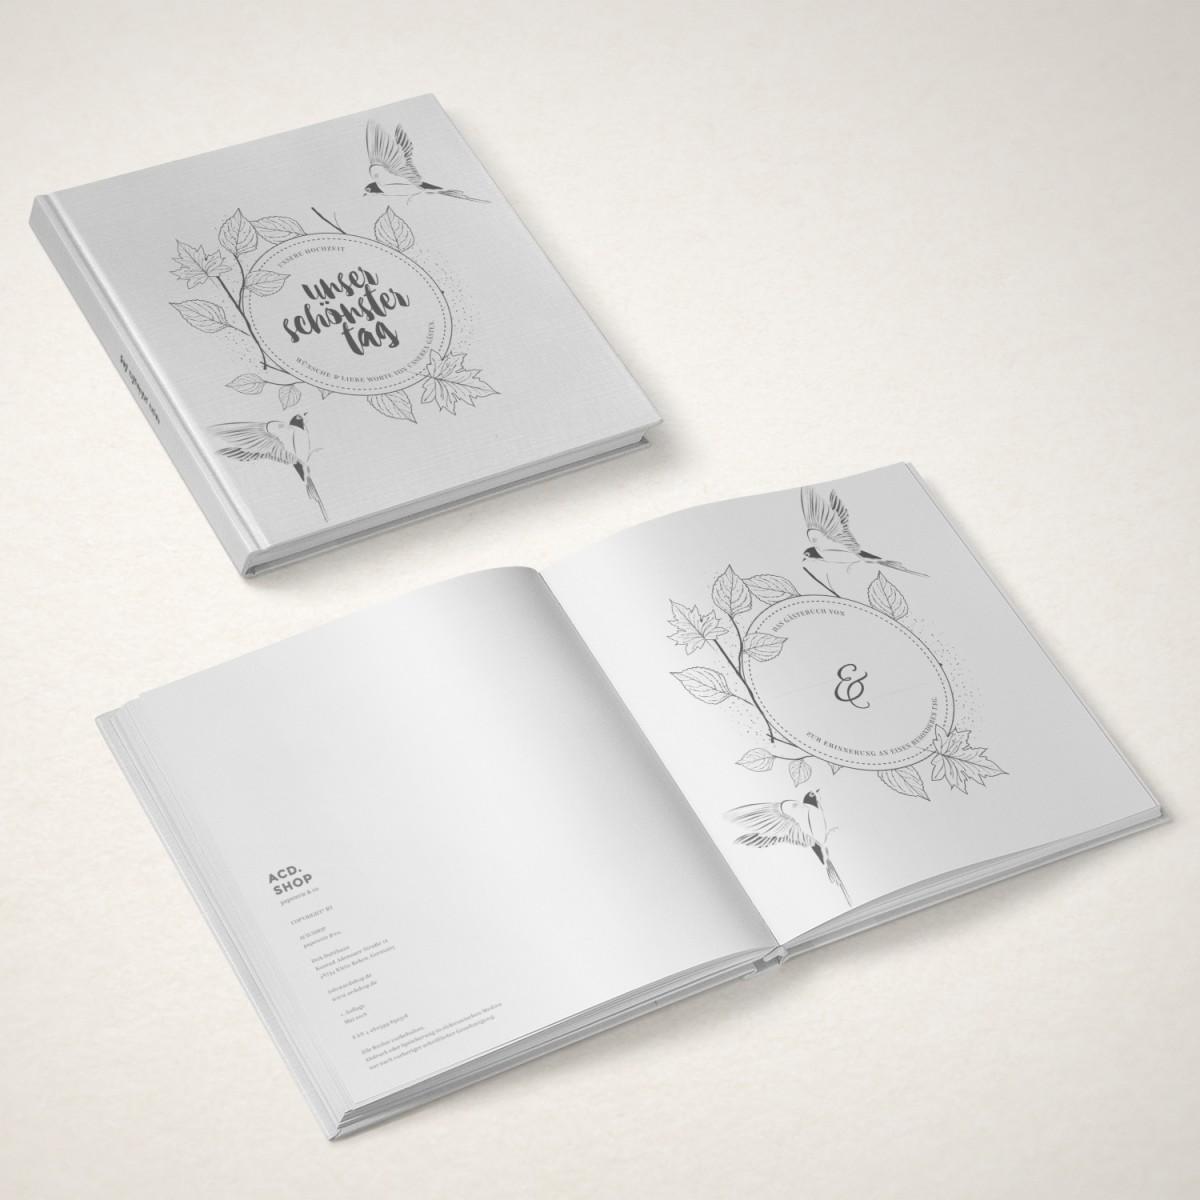 ACD DESIGN.BÜRO / Hochzeit-Gästebuch »Unser schönster Tag«